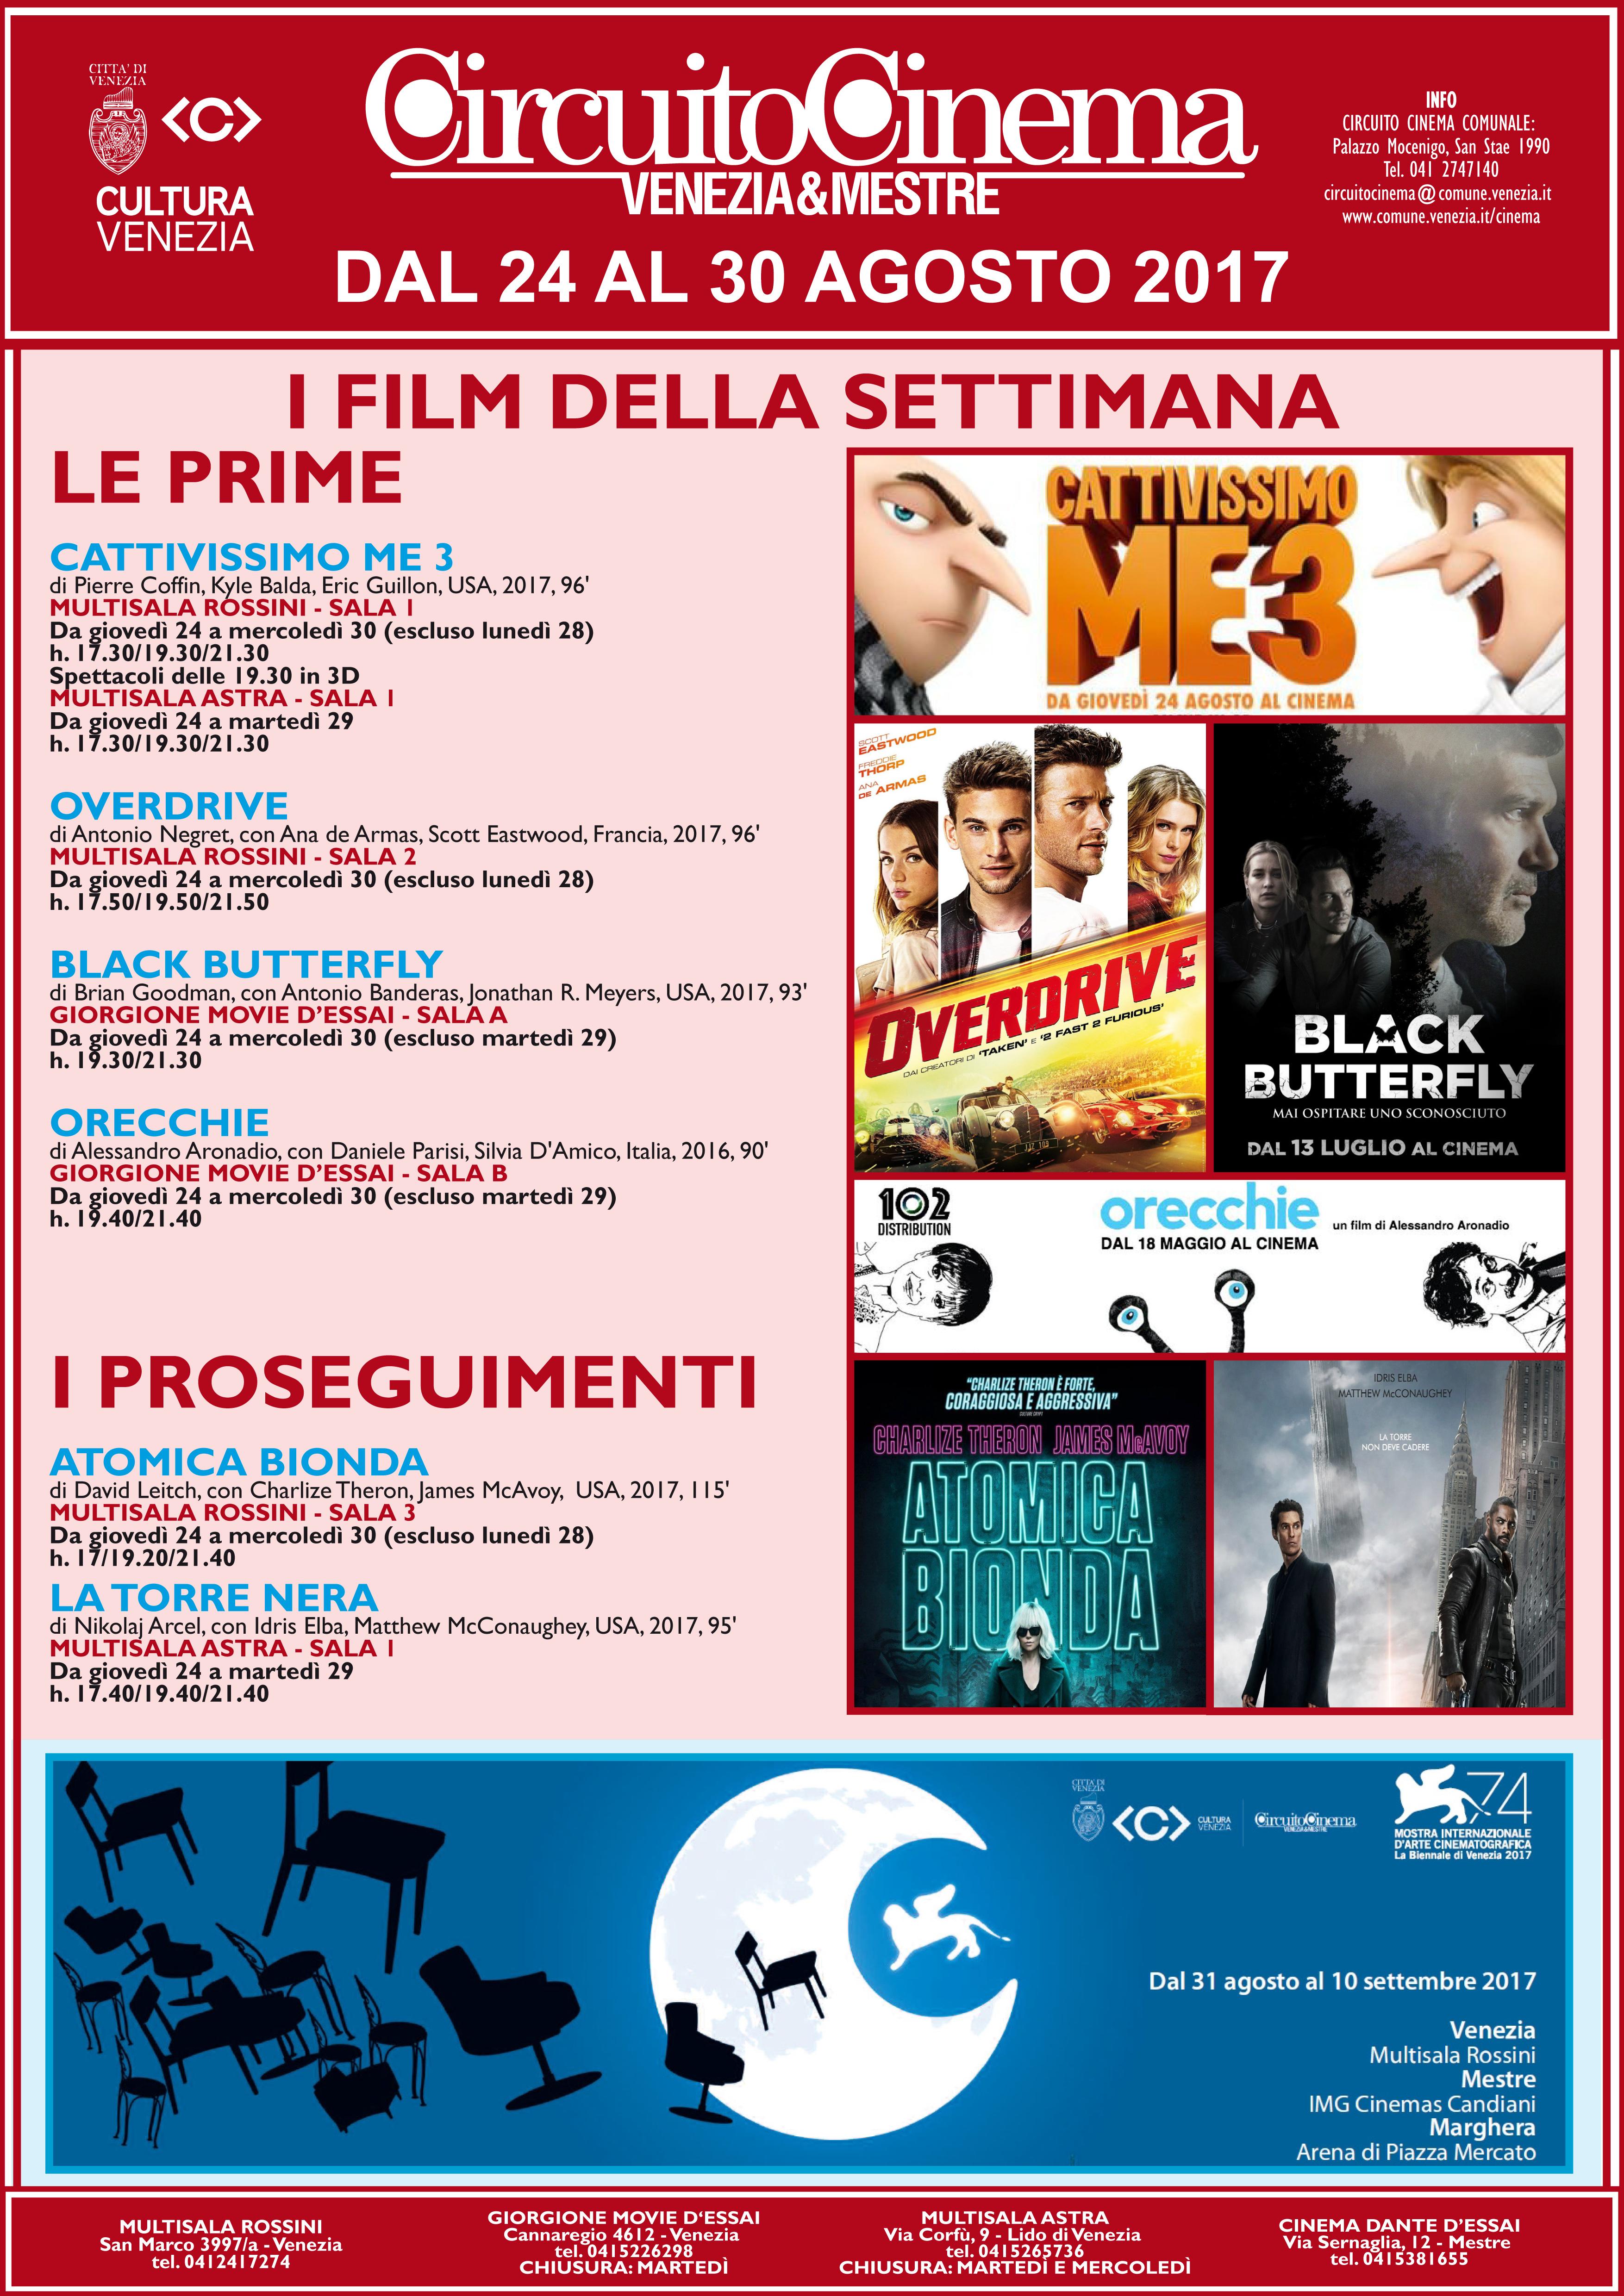 Locandina programmazione cinema dal 24 al 30 agosto 2017